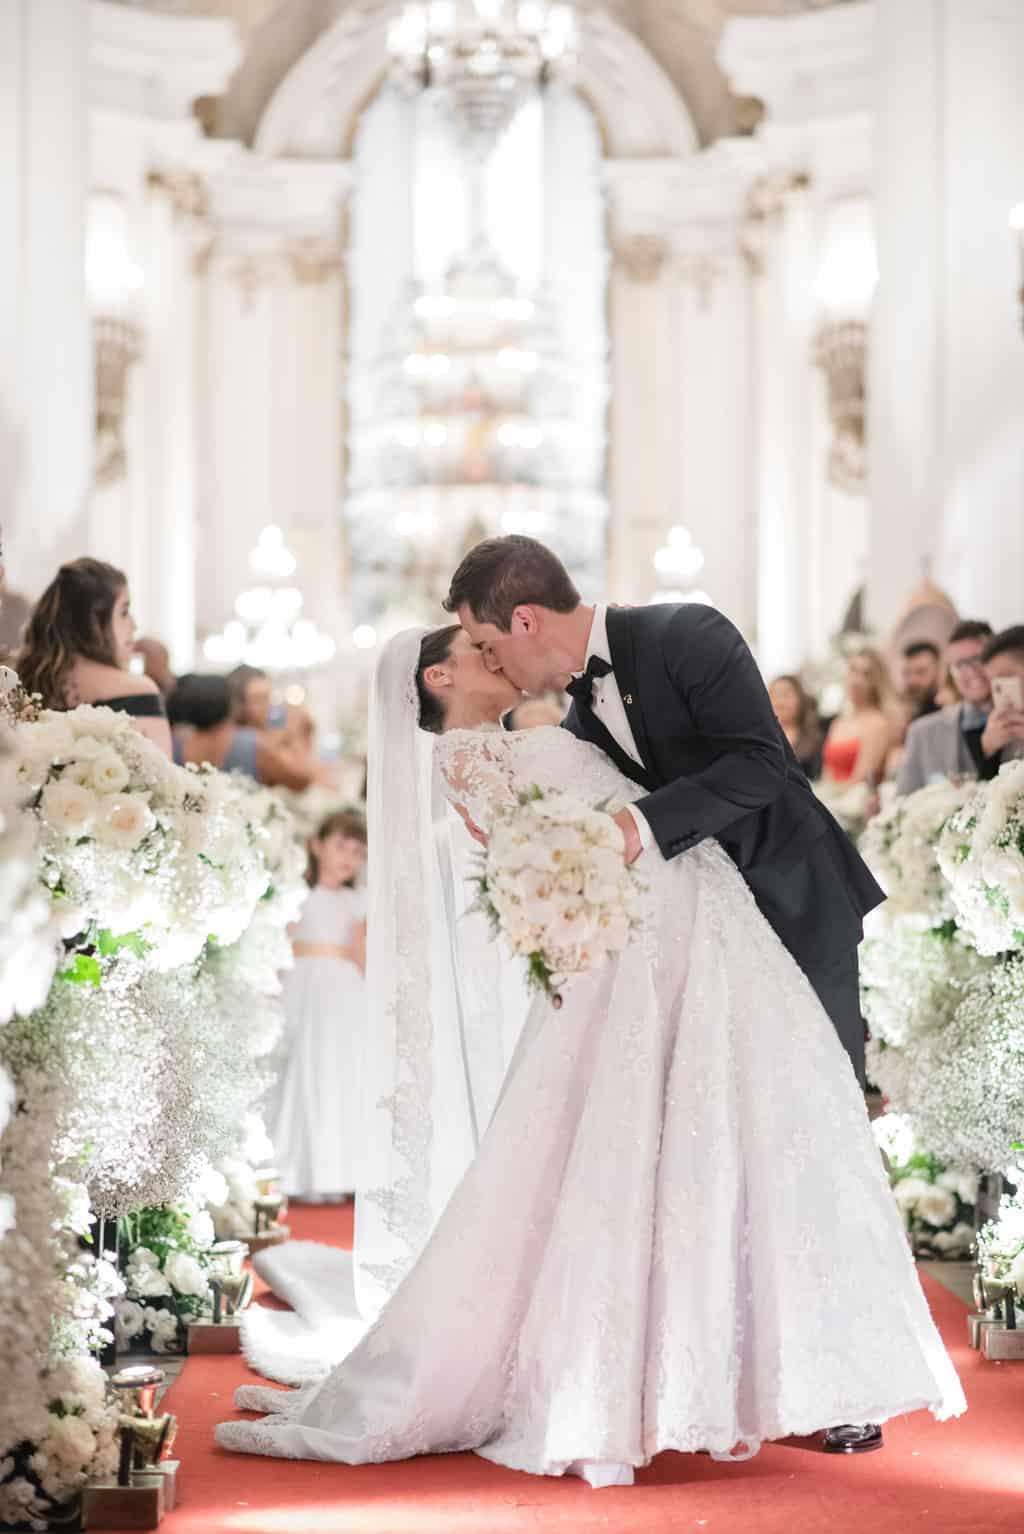 casamento-Patricia-e-Thiago-Igreja-Nossa-Senhora-do-Bonsucesso-Paula-Rocha-Marina-Fava-Cerimonia1162-Patricia-e-Thiago-WAL_4328